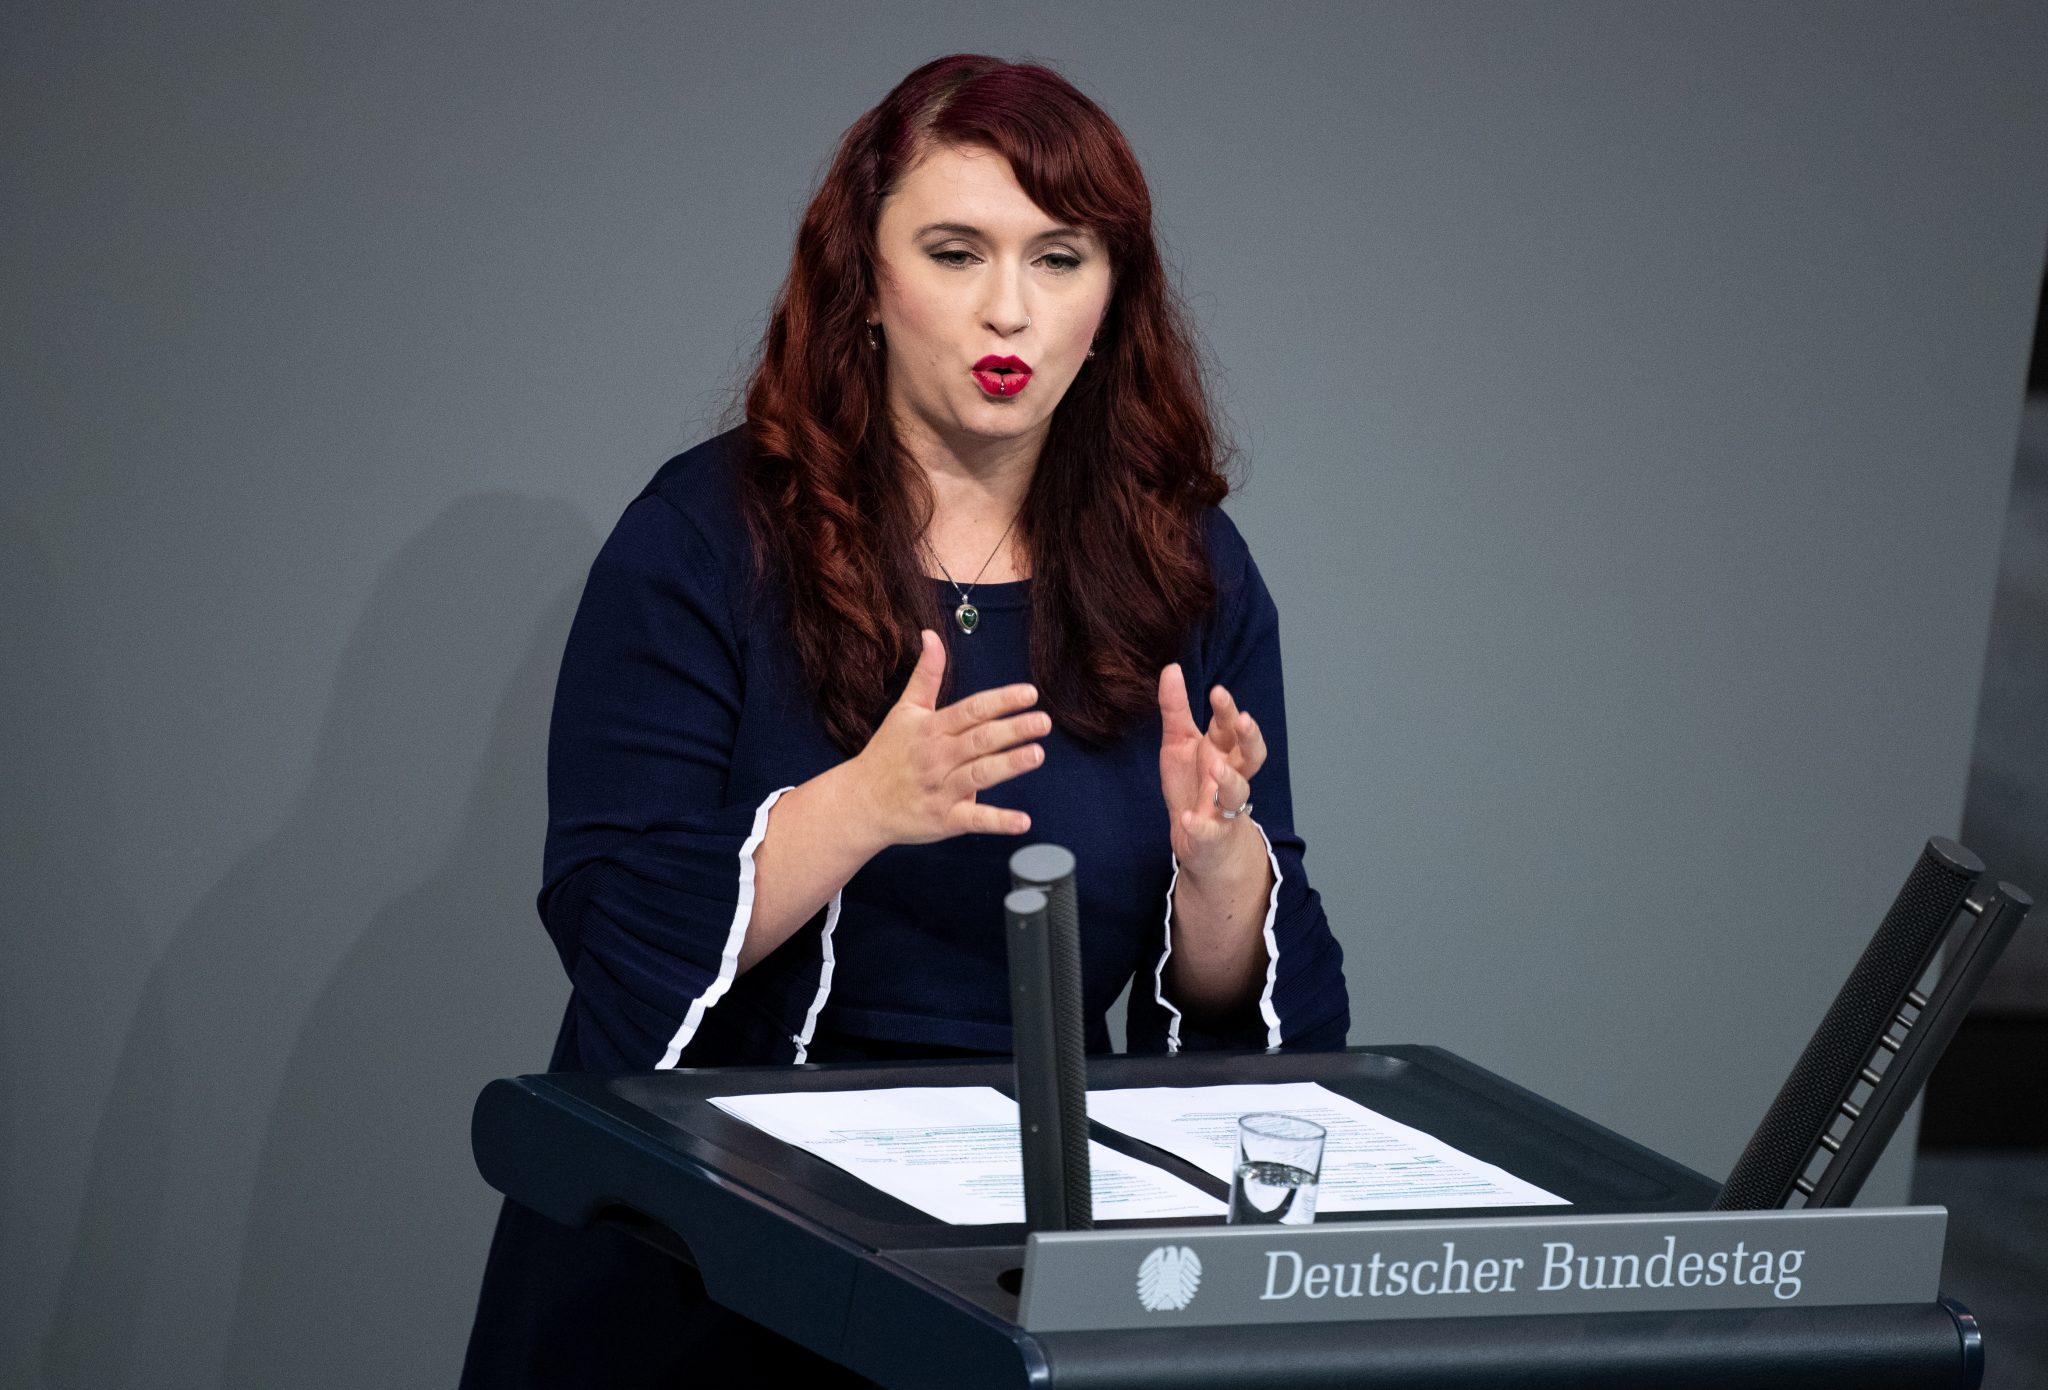 Grünen Fraktionsvize Agnieszka Brugger: Die Beteiligung von Frauen bei Friedenseinsätzen sorge dafür, daß Konflikte schneller gelöst würden